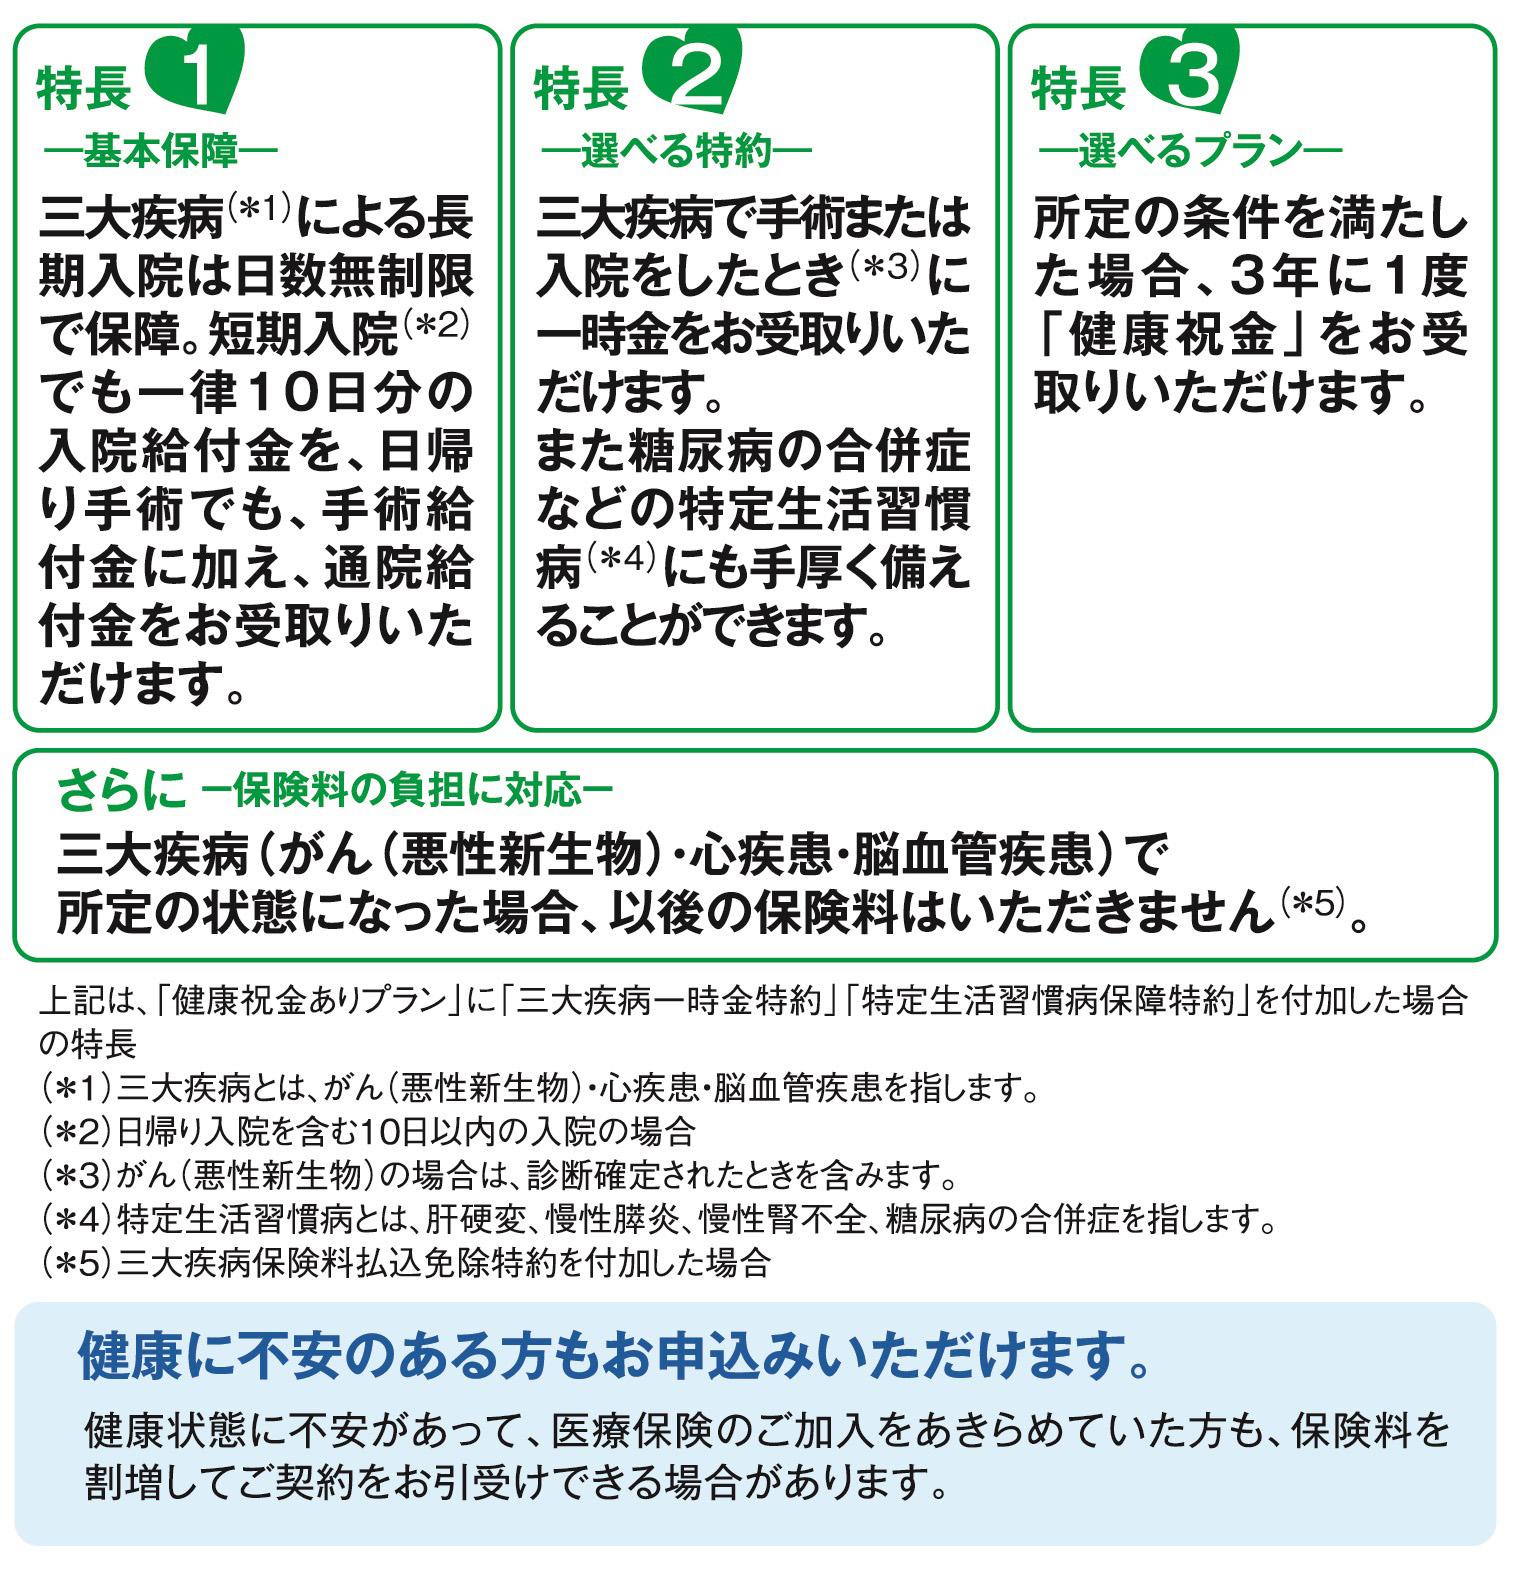 アフラック 医療 保険 アフラックの医療保険『EVER』を徹底解説!特徴とデメリット